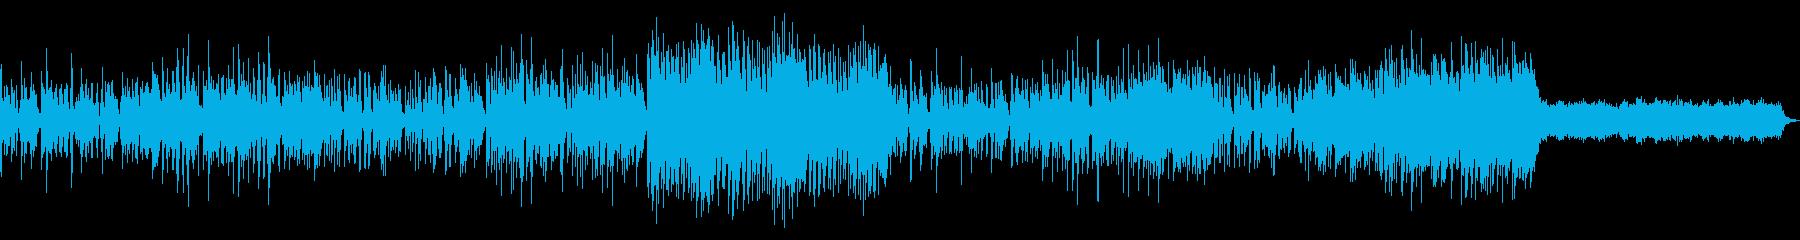 切ない感じのインストの再生済みの波形